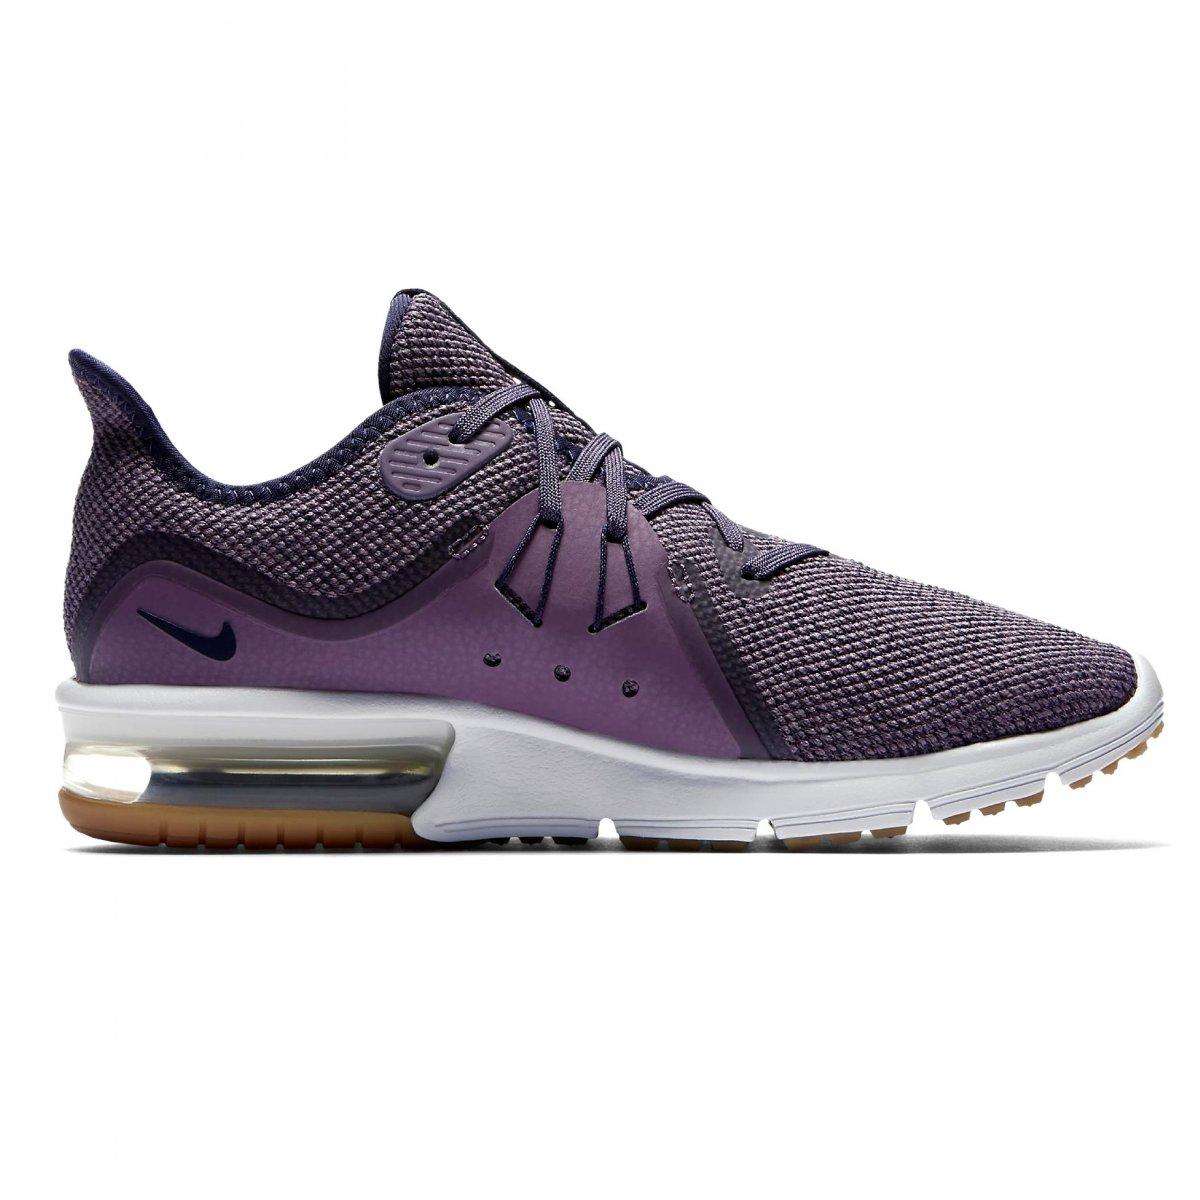 b0a5c60067104 Tênis Nike Air Max Sequent 3 Feminino 908993-501 - Violeta Branco ...